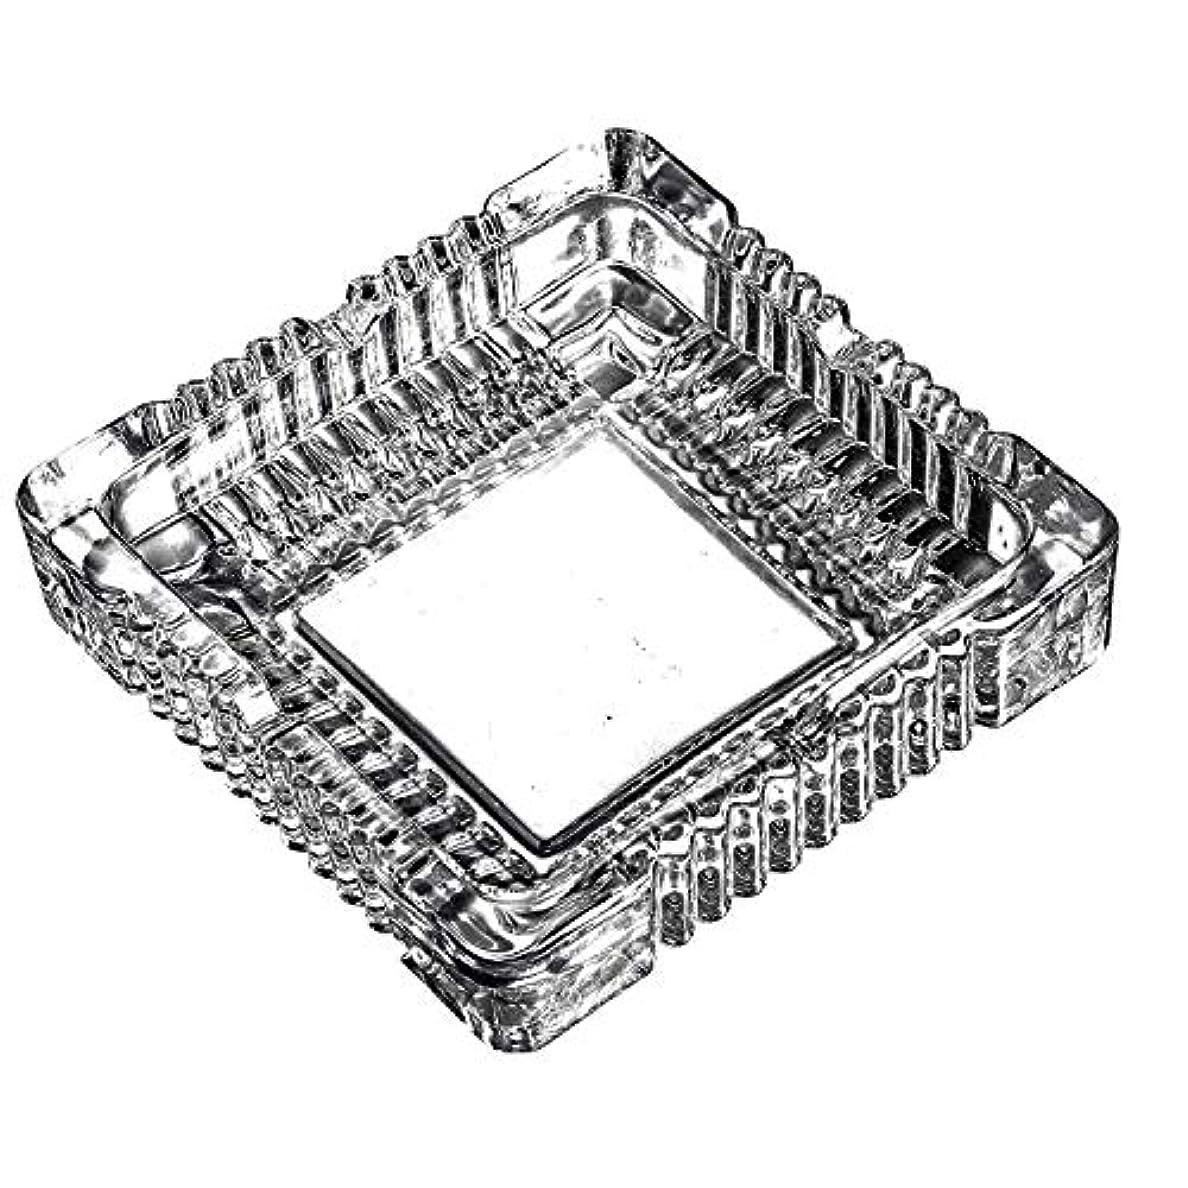 シャトル異議櫛クリスタルラージクラシックスクエア灰皿5.9インチx 5.9インチ